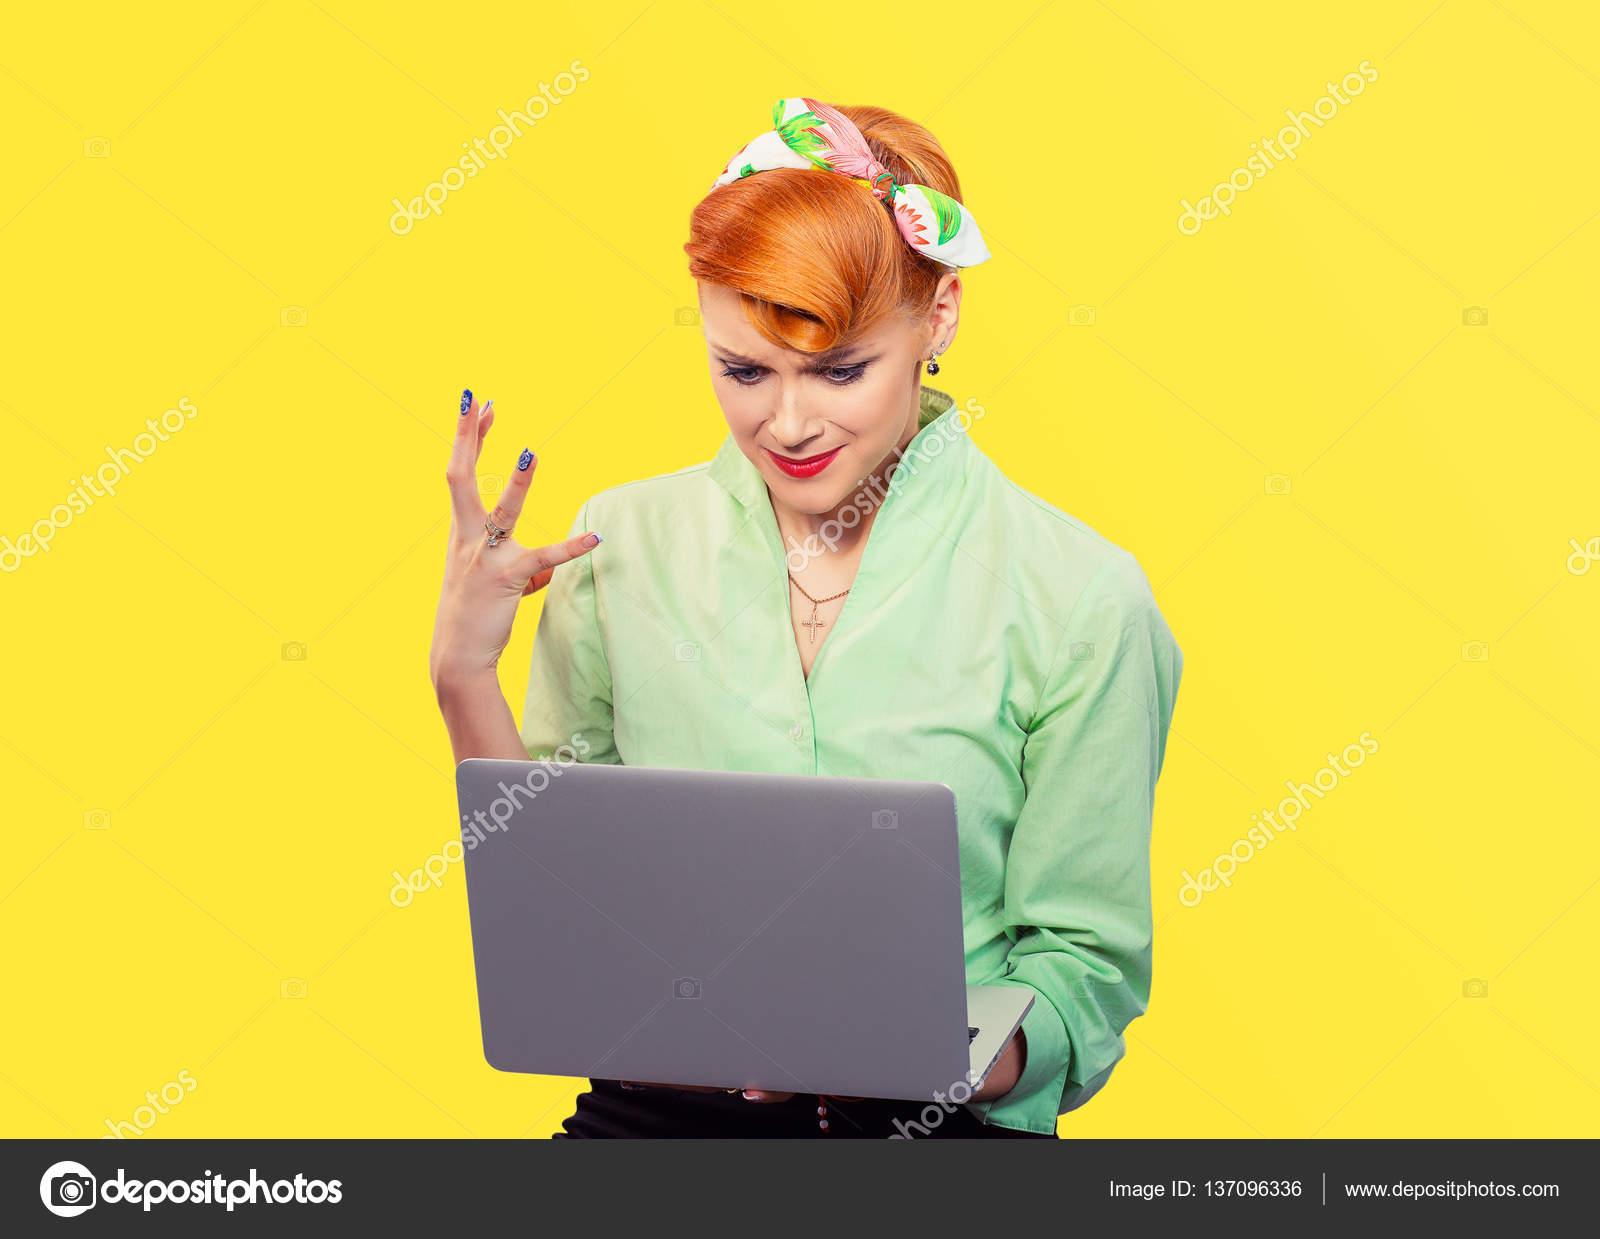 Фото молодой пц крупным планом, парень бреет женщине пизду видео